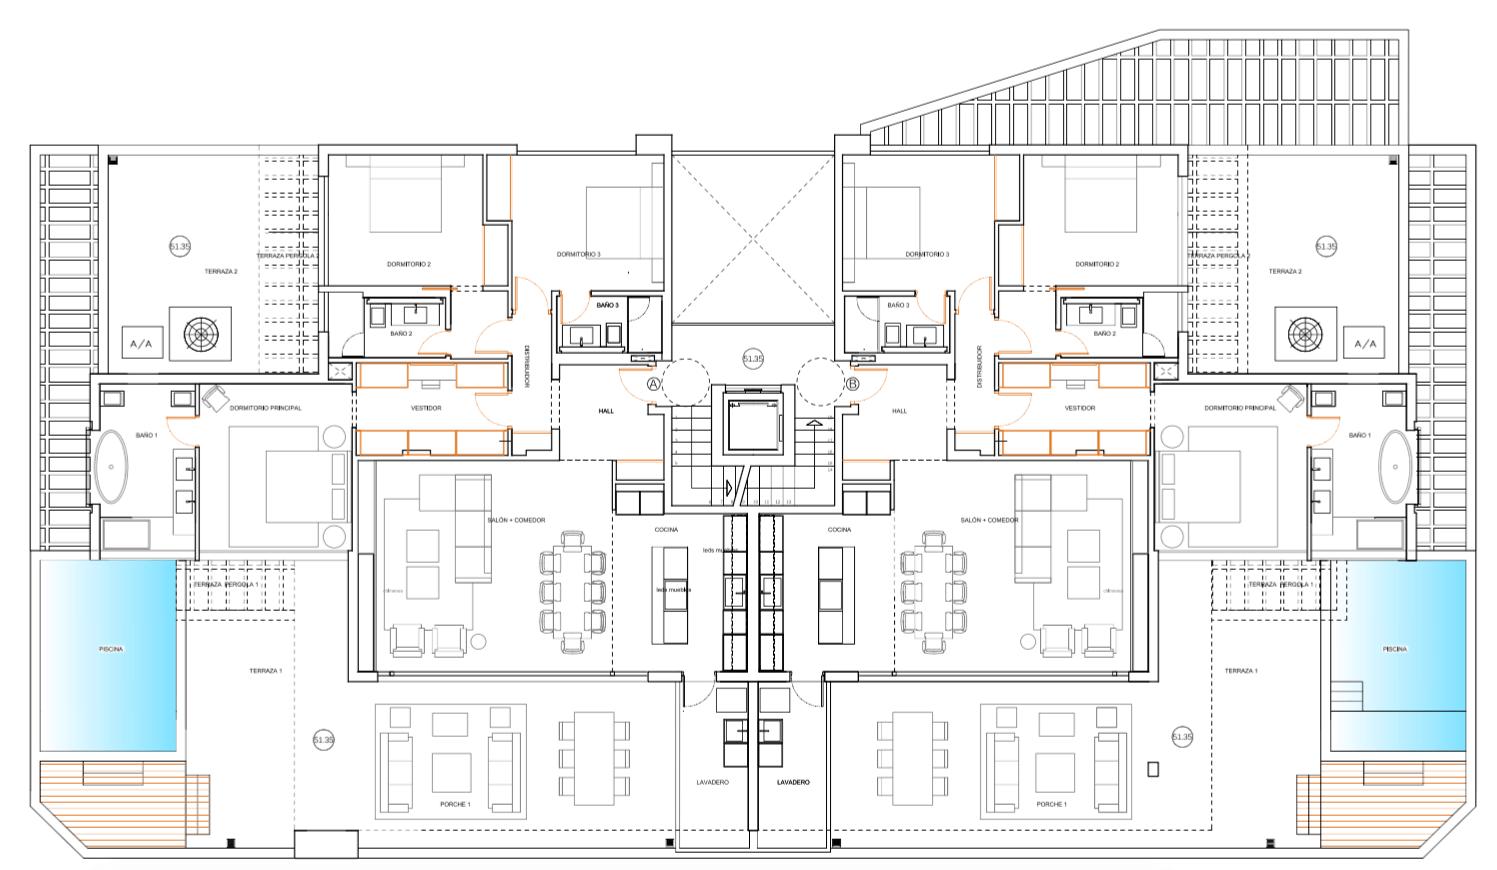 senorio de vasari marbella golden mile exclusief appartement penthouse kopen nieuwbouw modern design grondplan tweede verdieping